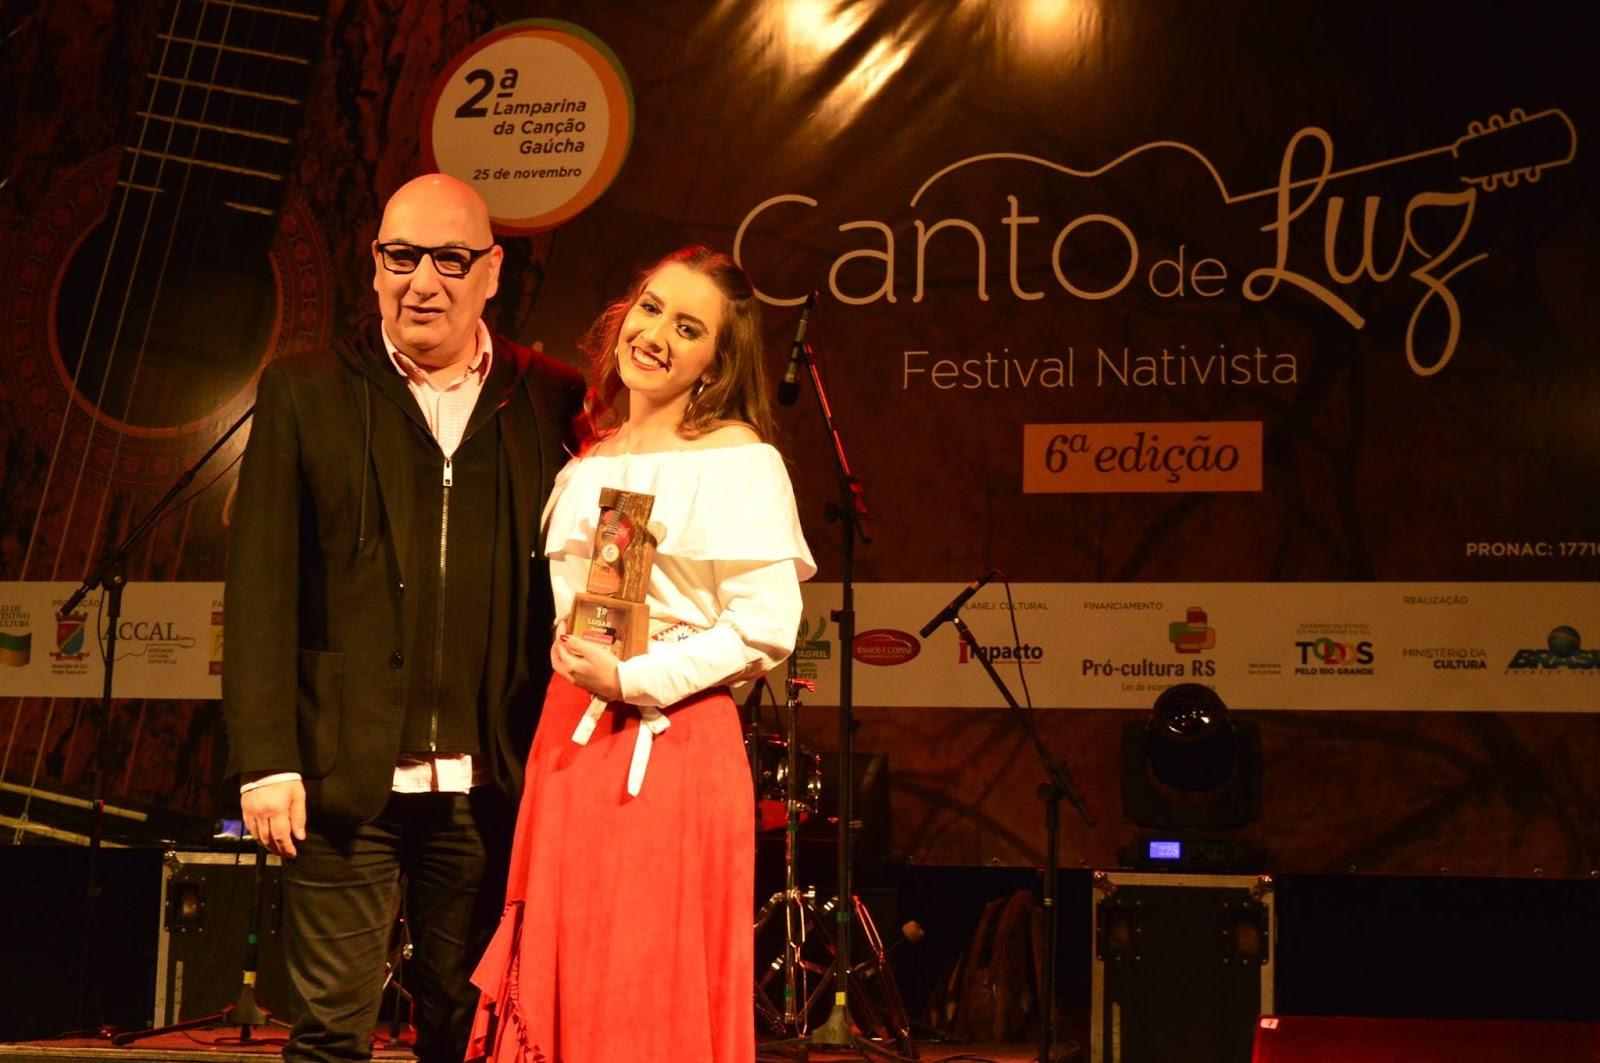 Estão abertas as inscrições para a 3ª Lamparina da Canção Gaúcha, festival destinado a jovens intérpretes que acontece junto ao festival Canto de Luz